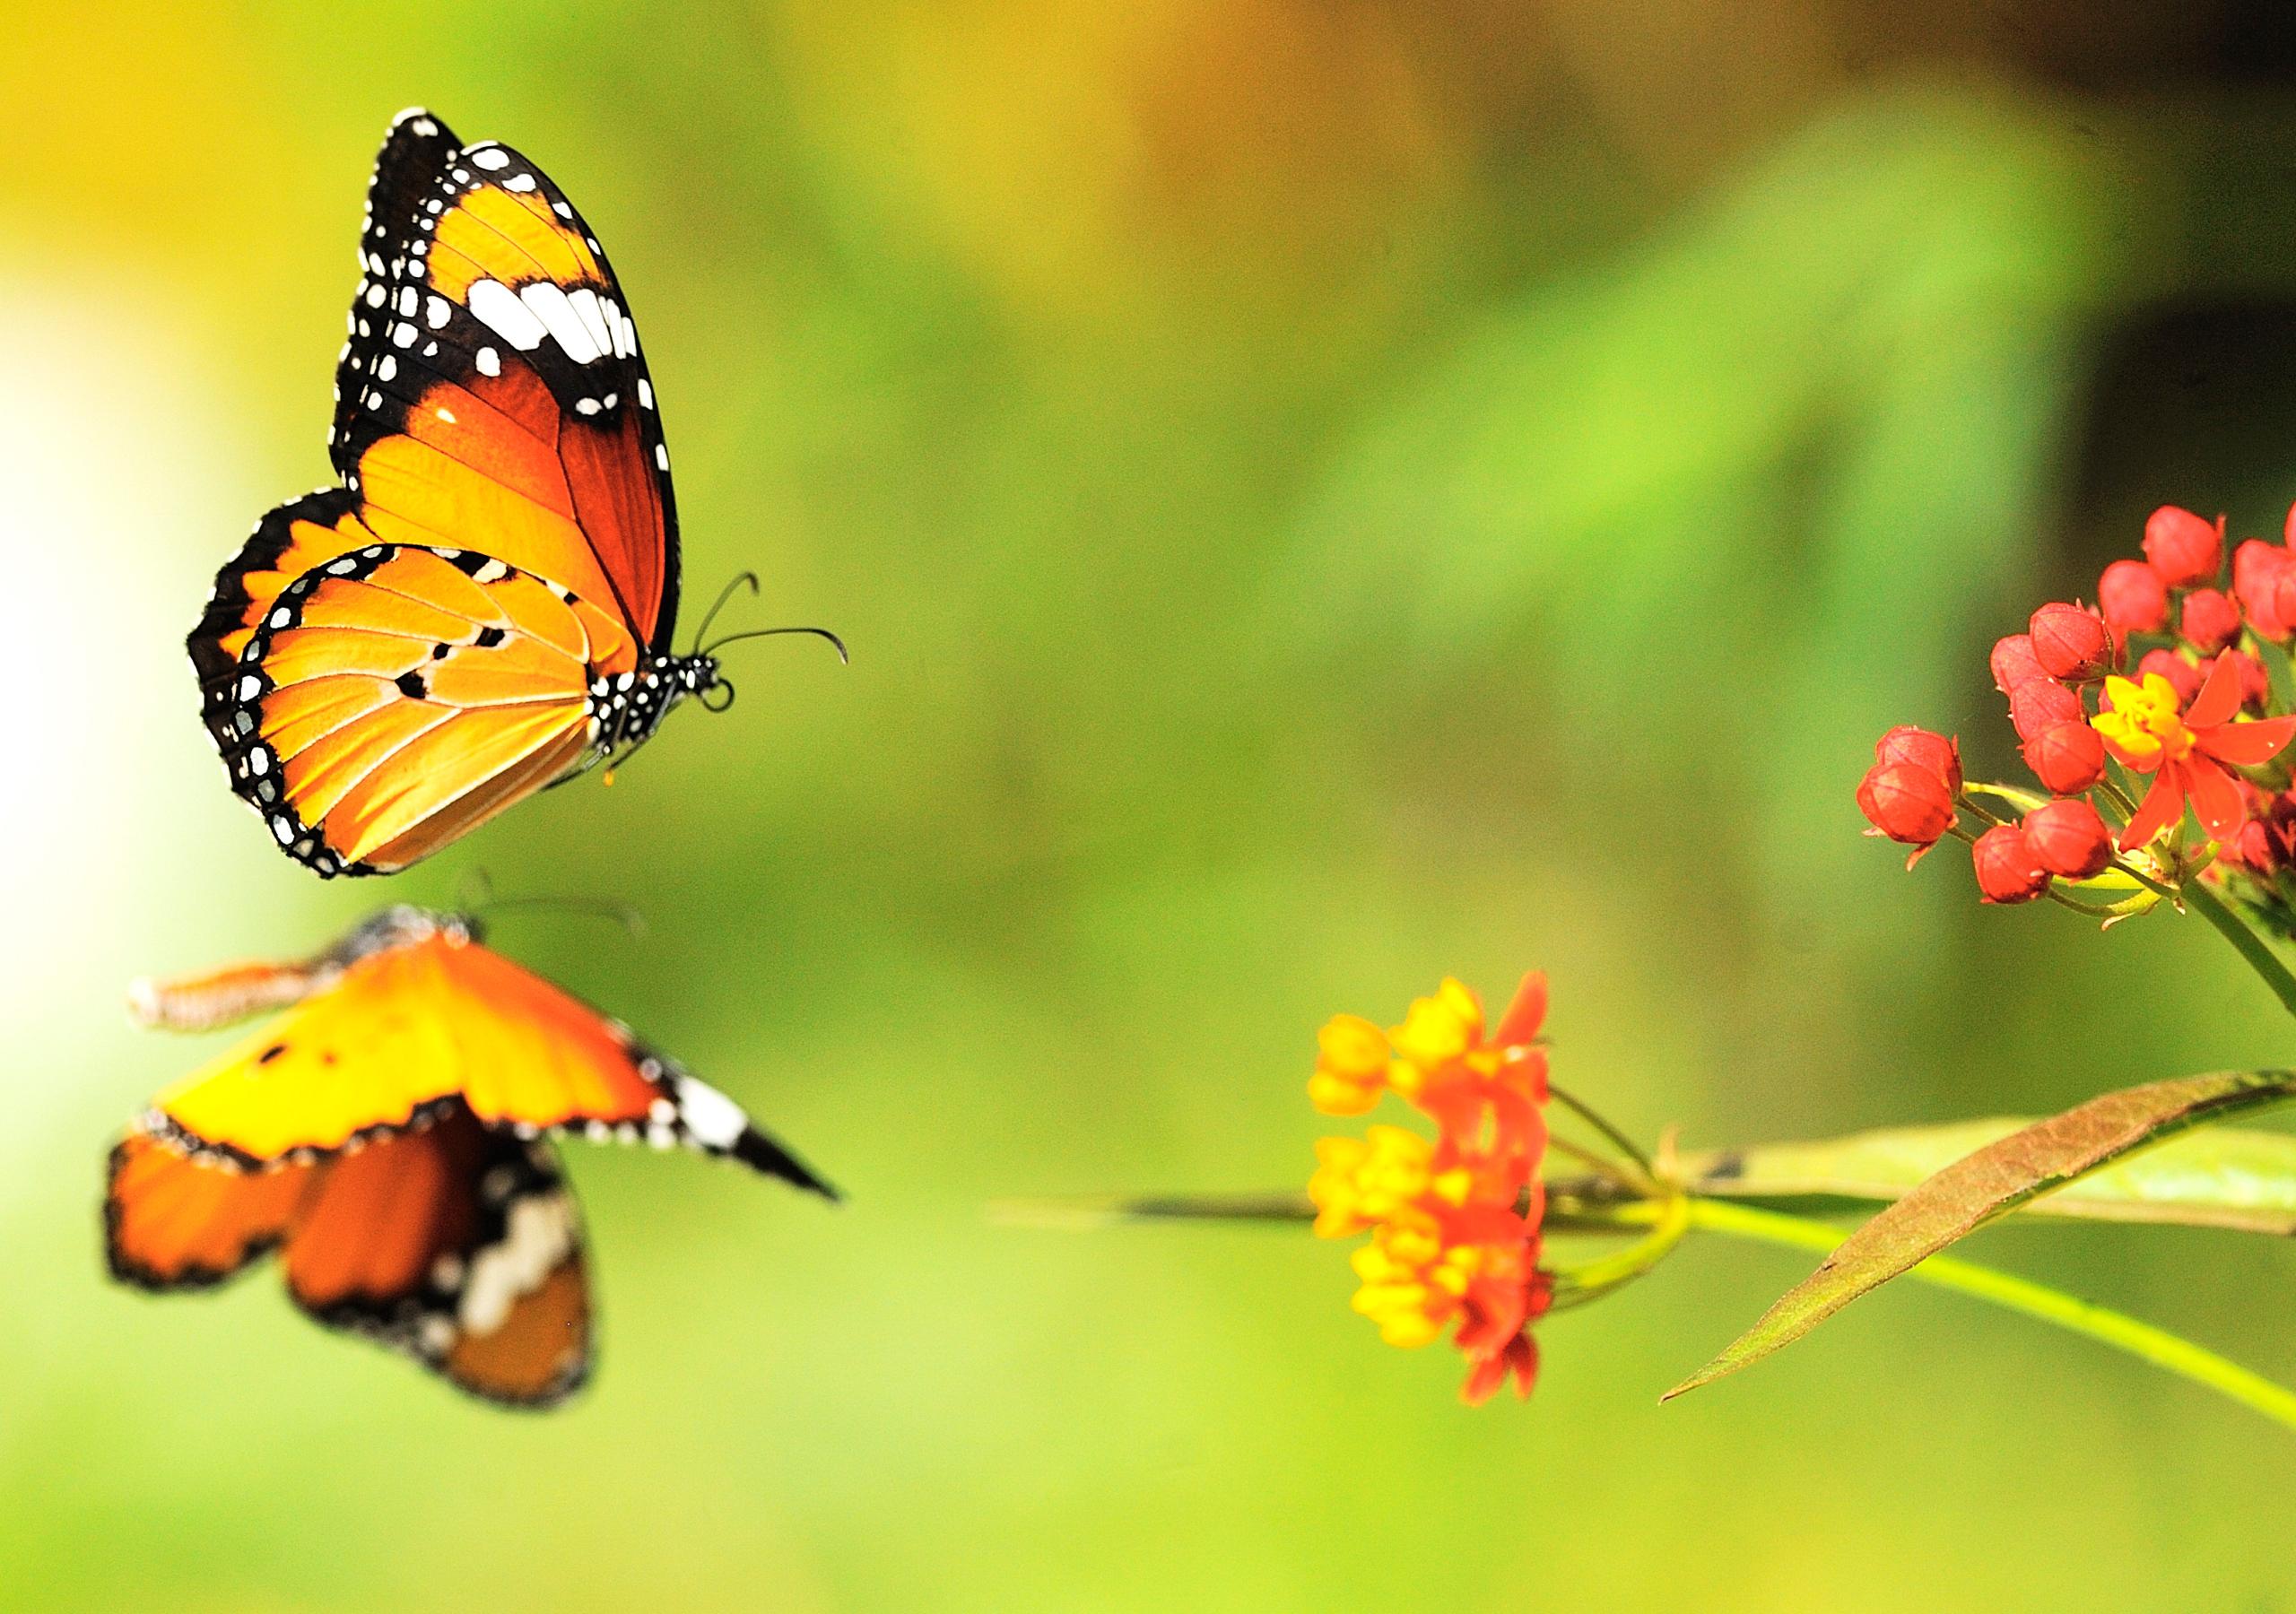 бабочка цветы опыление  № 3353503 загрузить